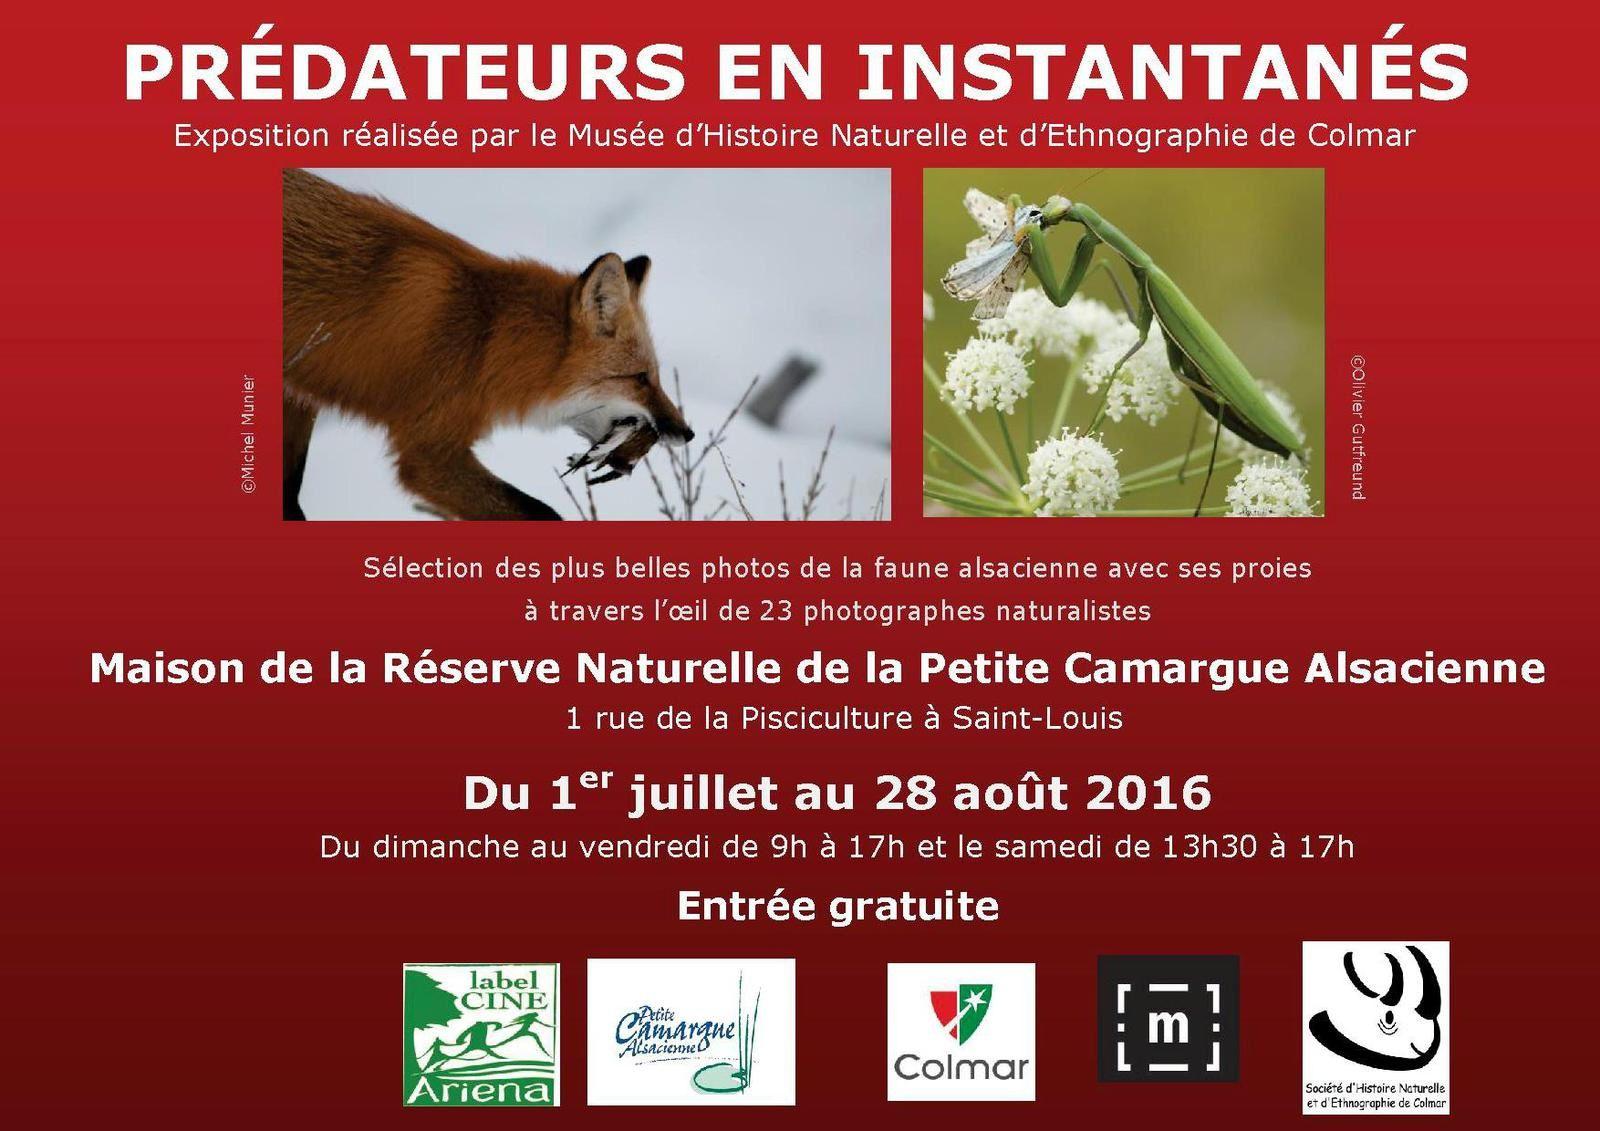 Les prochains rendez-vous du Muséum d'Histoire naturelle de Colmar